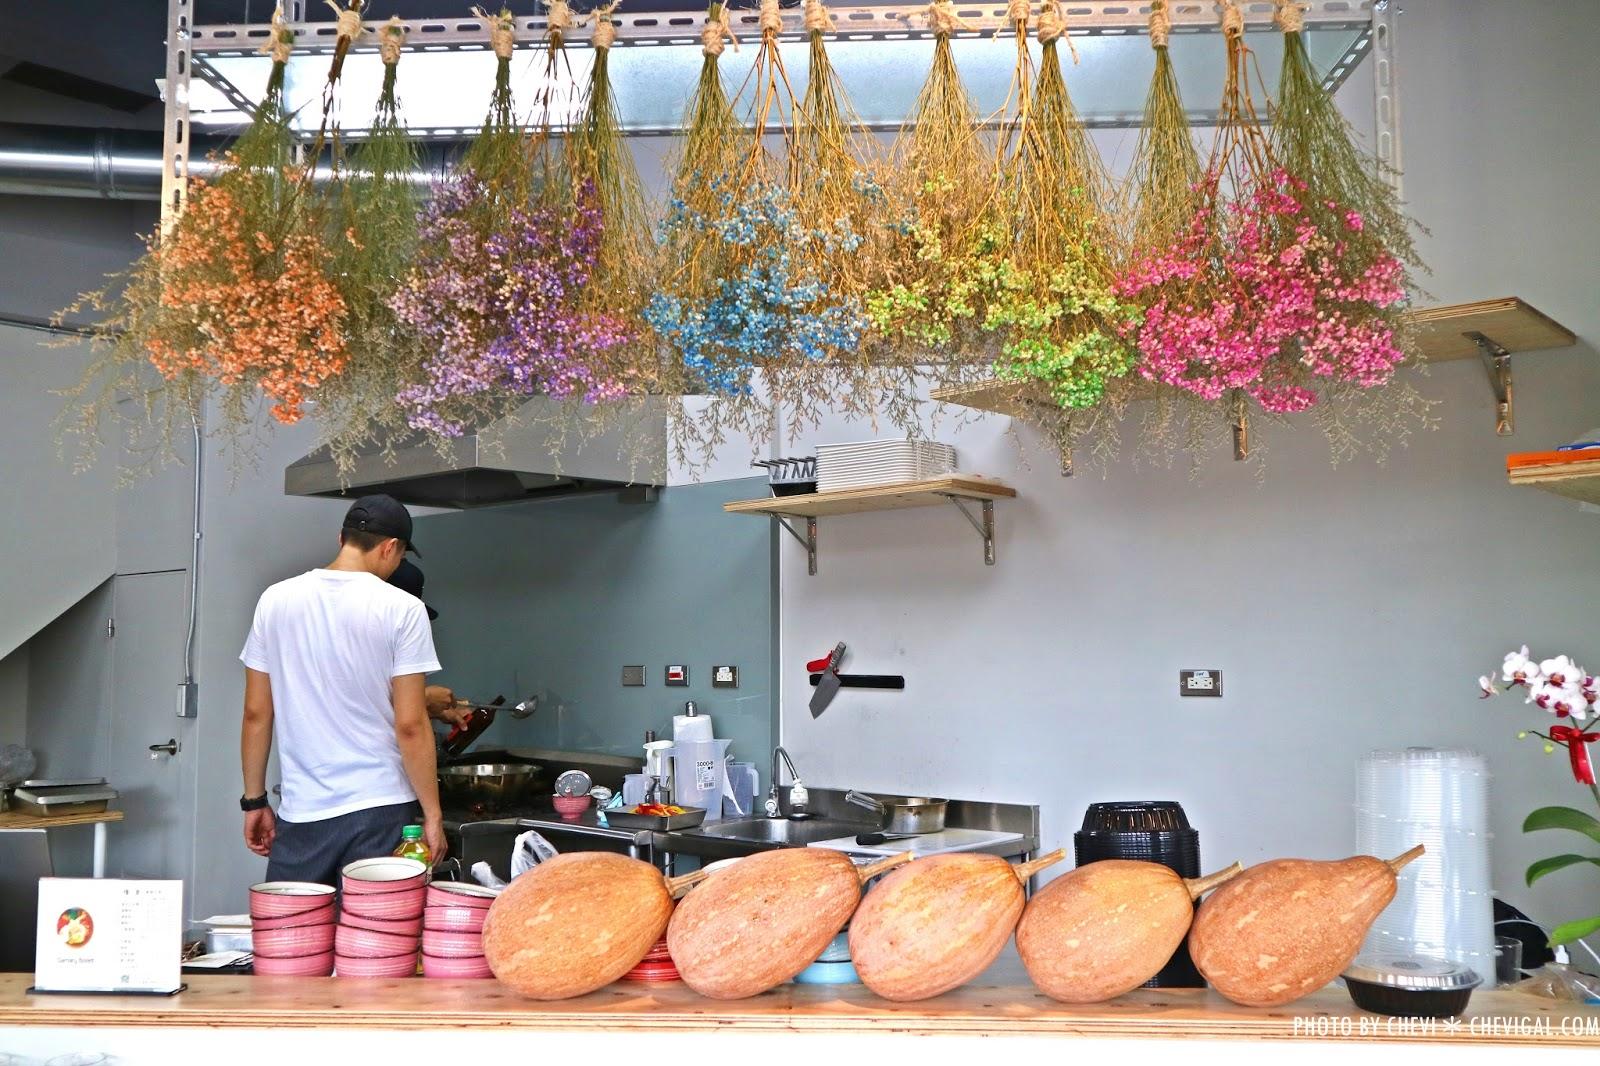 IMG 9646 - 台中北區│糧倉 纖健水煮*隱身在柳川西路的文青小店。清爽水煮料理讓你吃到鮮甜原味